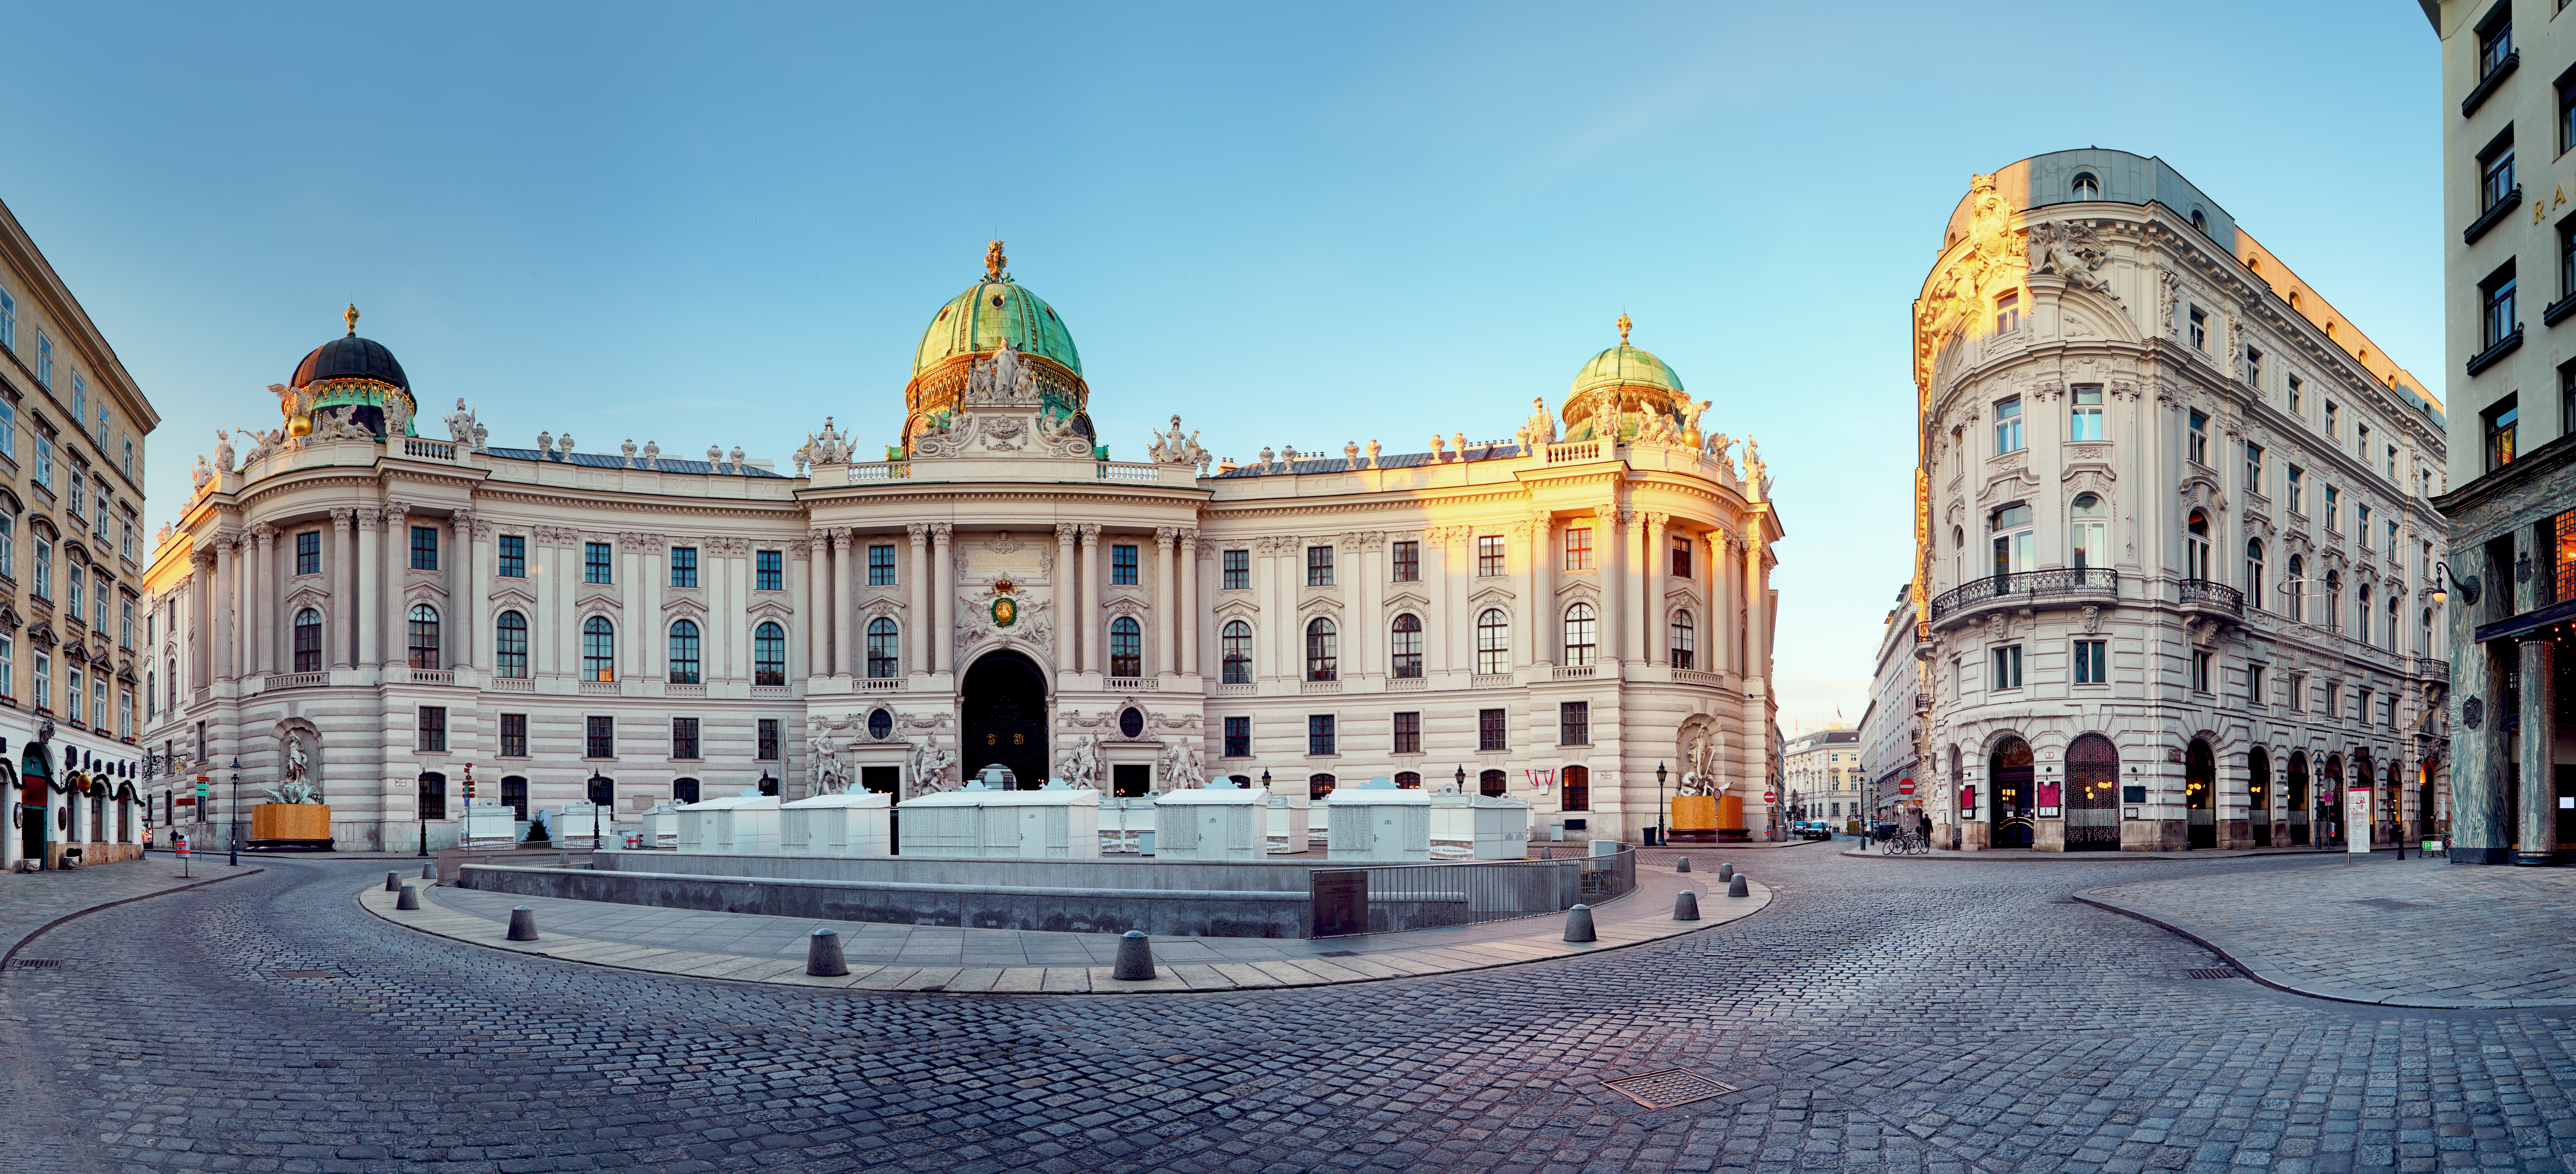 Conoce los objetos más personales de la reina y emperatriz Sissi - República Checa Circuito Capitales Imperiales: Praga, Viena y Budapest